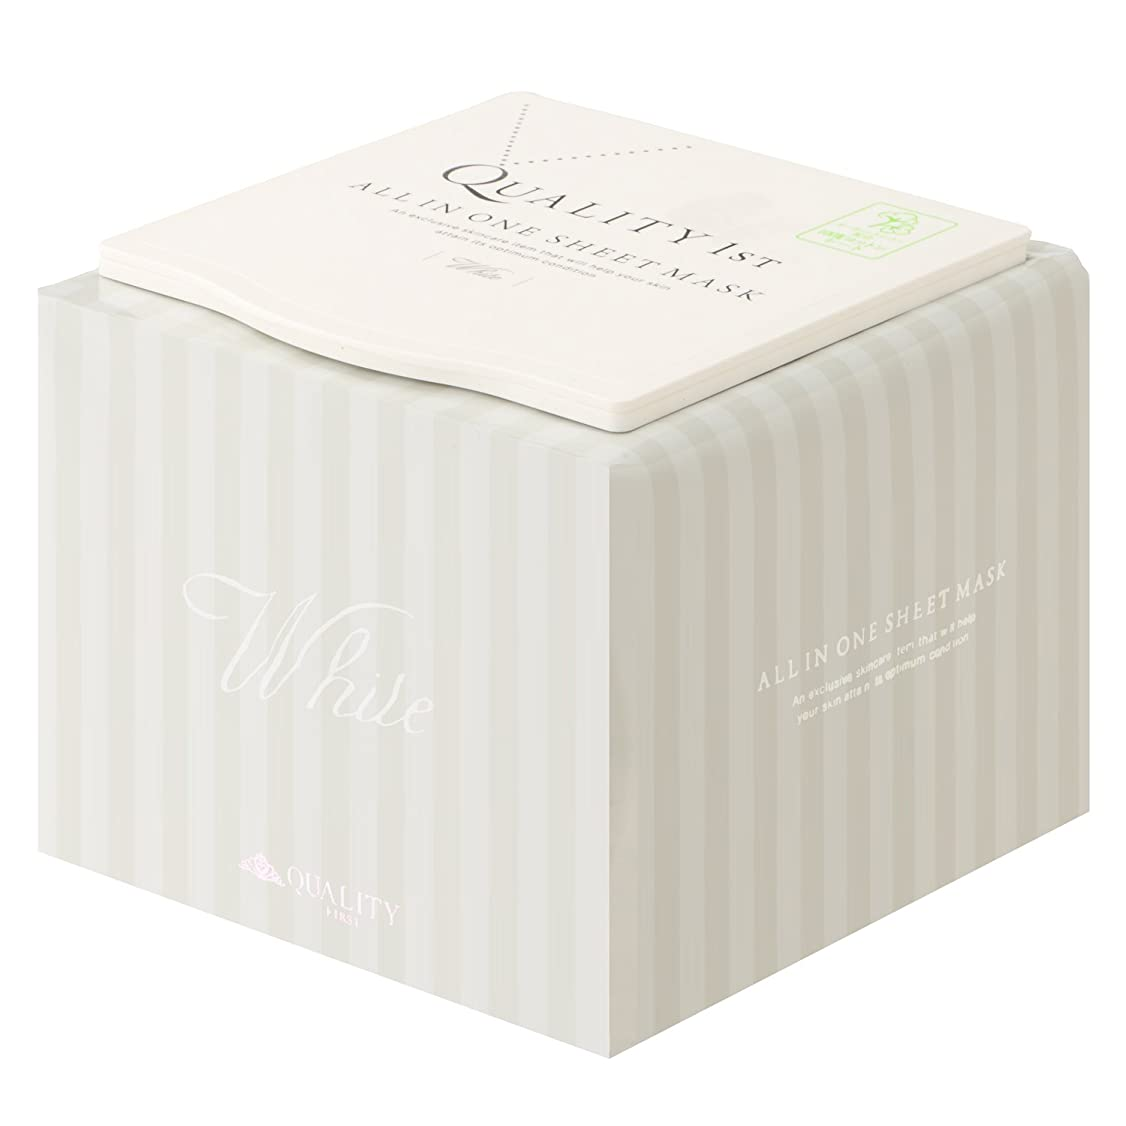 脚本デモンストレーションアレルギー性オールインワンシートマスク ホワイトEX (30枚) BOX